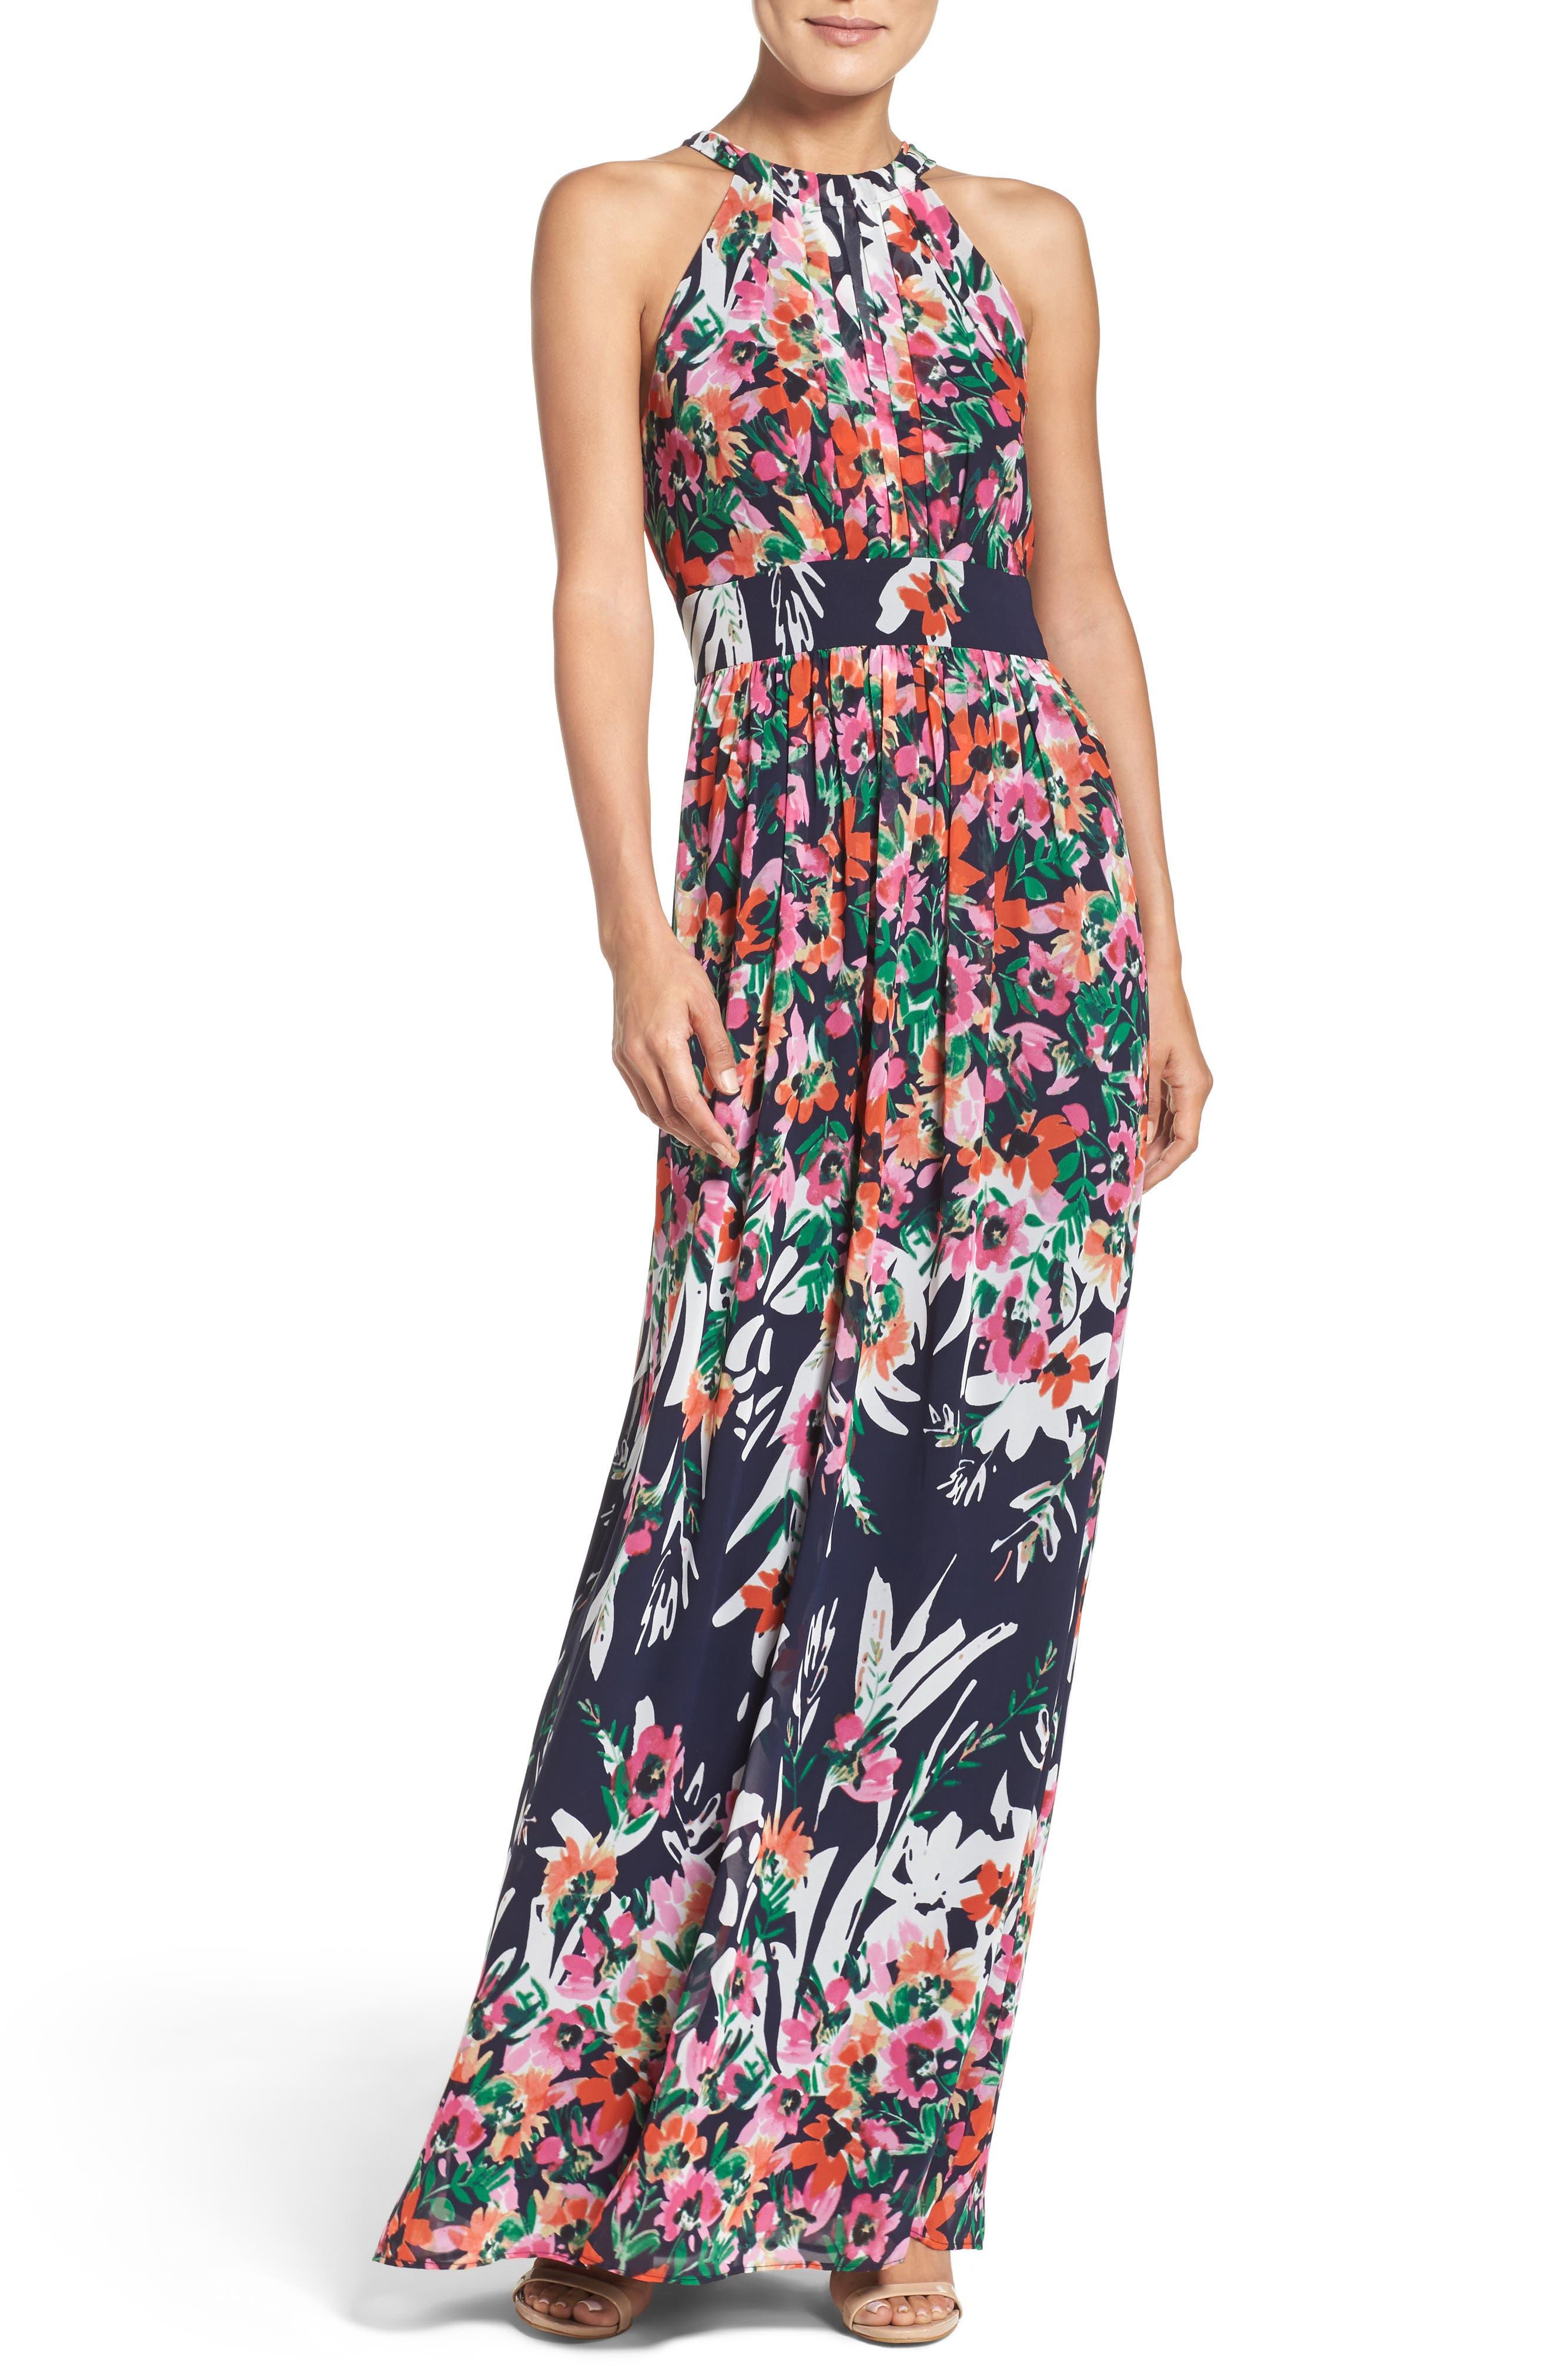 046e1d26d9c07 Eliza J Floral Print Chiffon Halter Maxi Dress